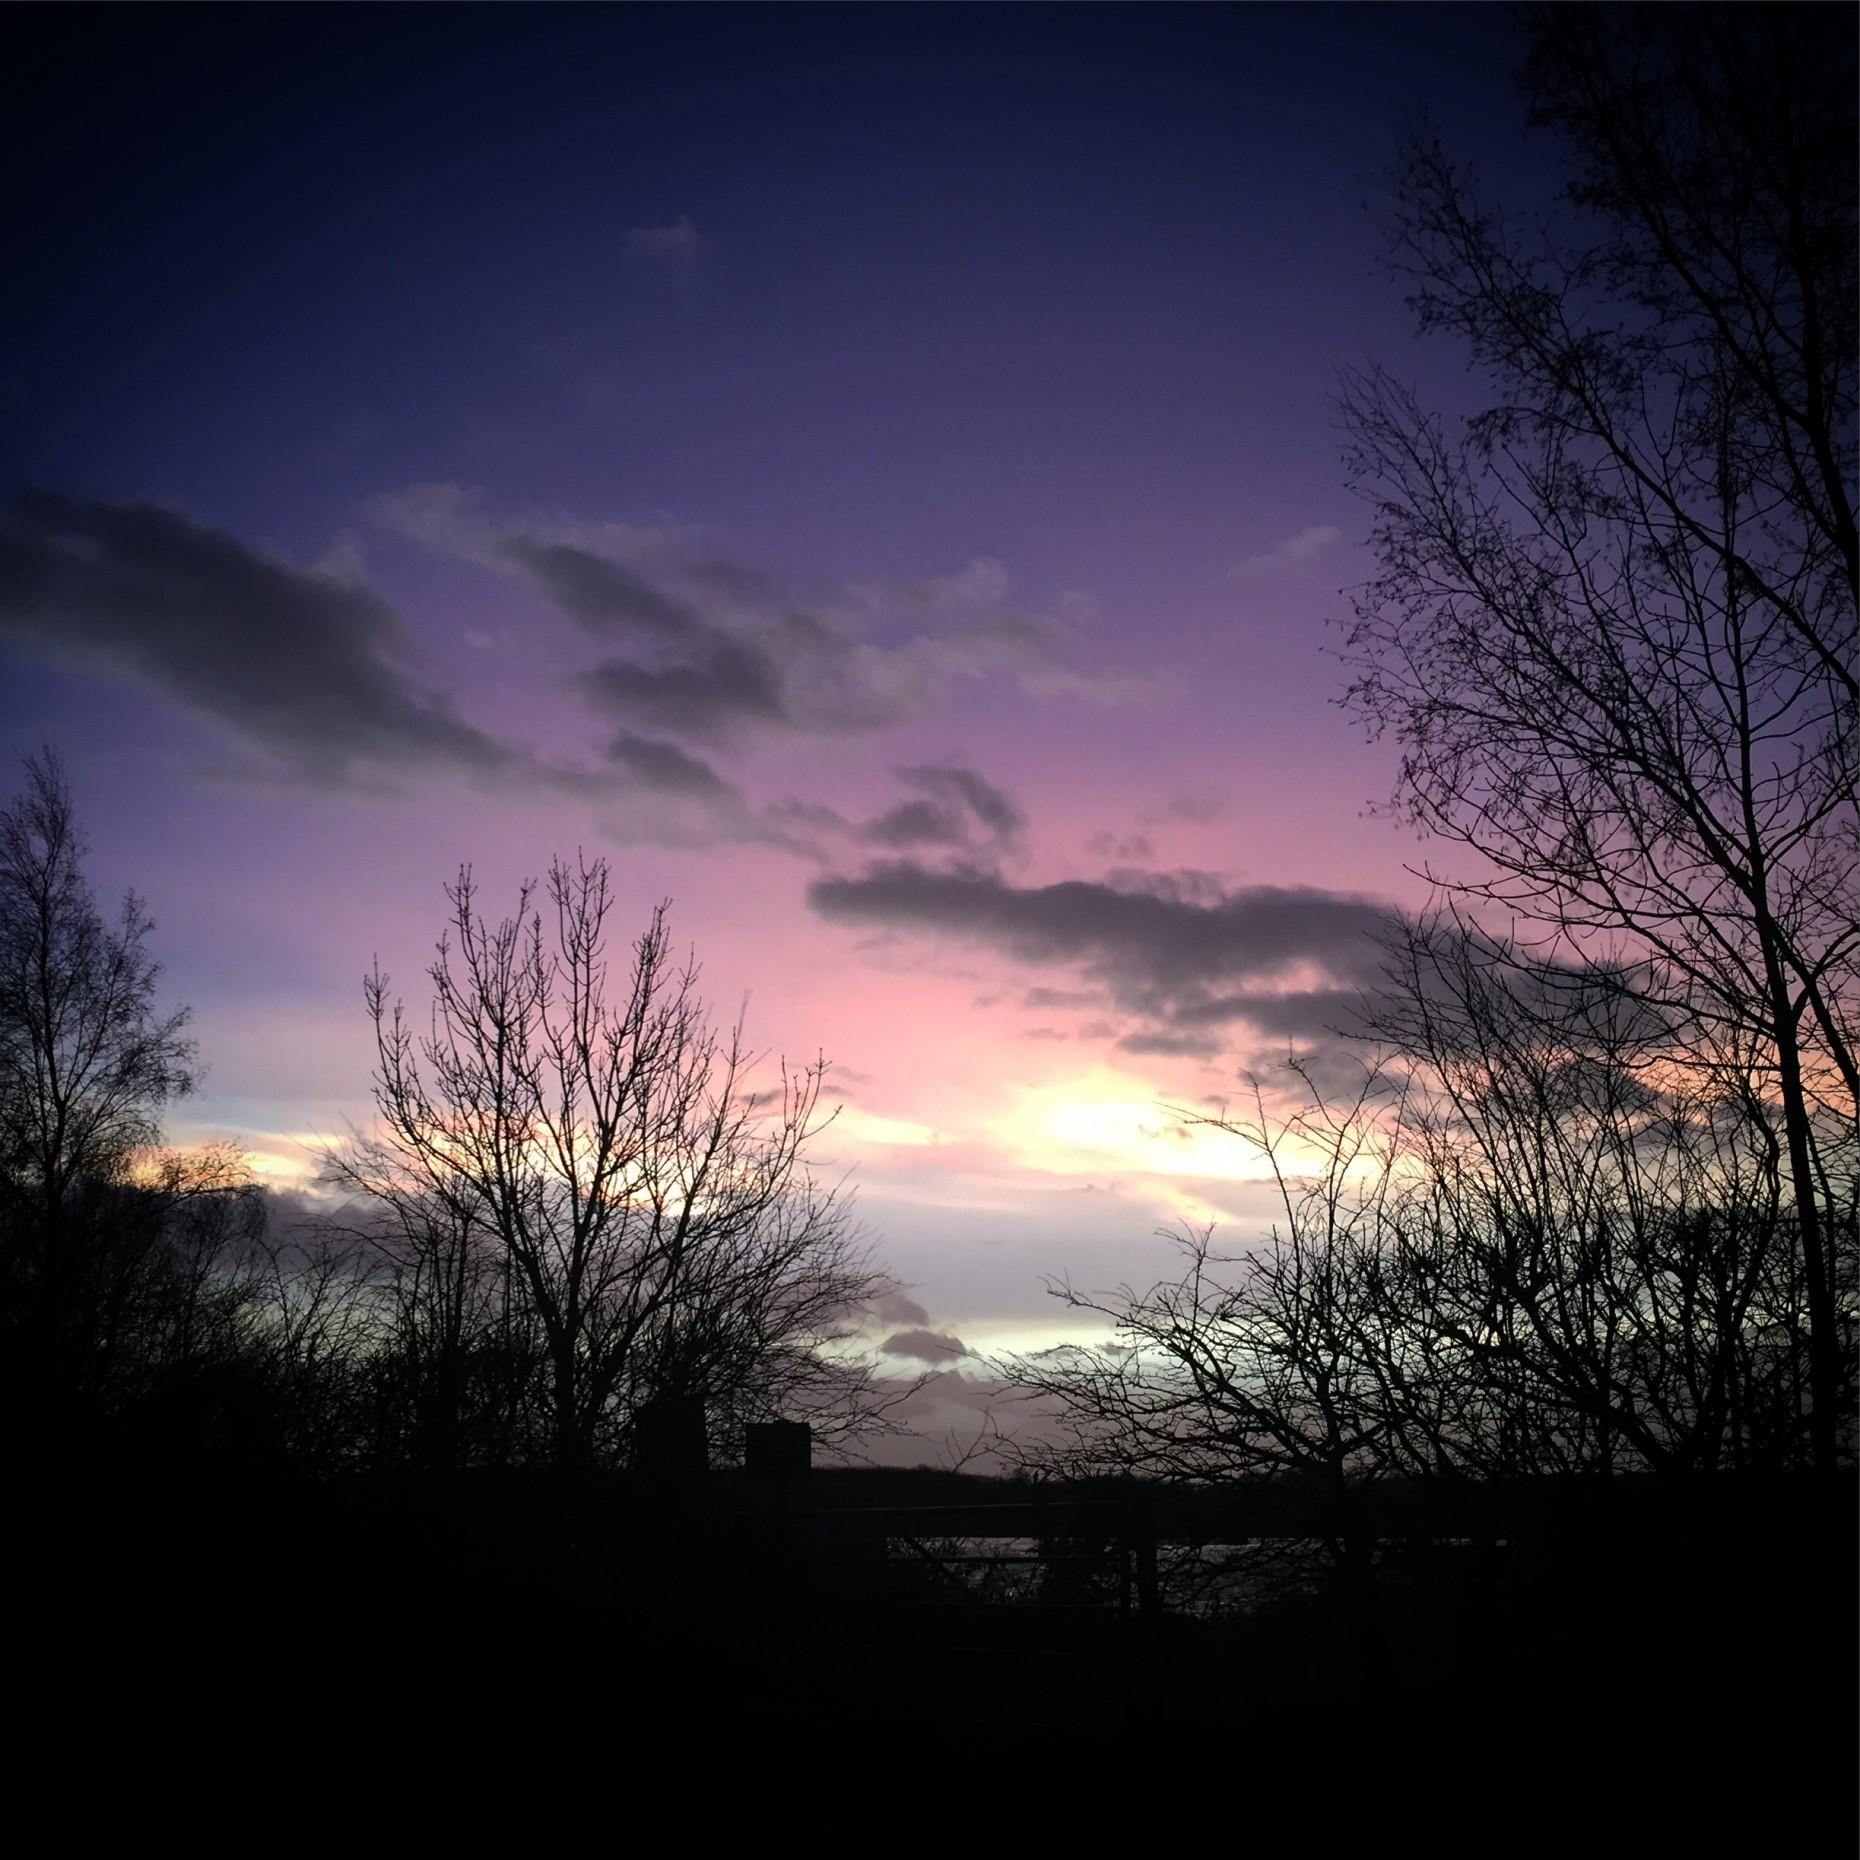 The sky over Kirkby on Bain. Photo: Danielle Pole